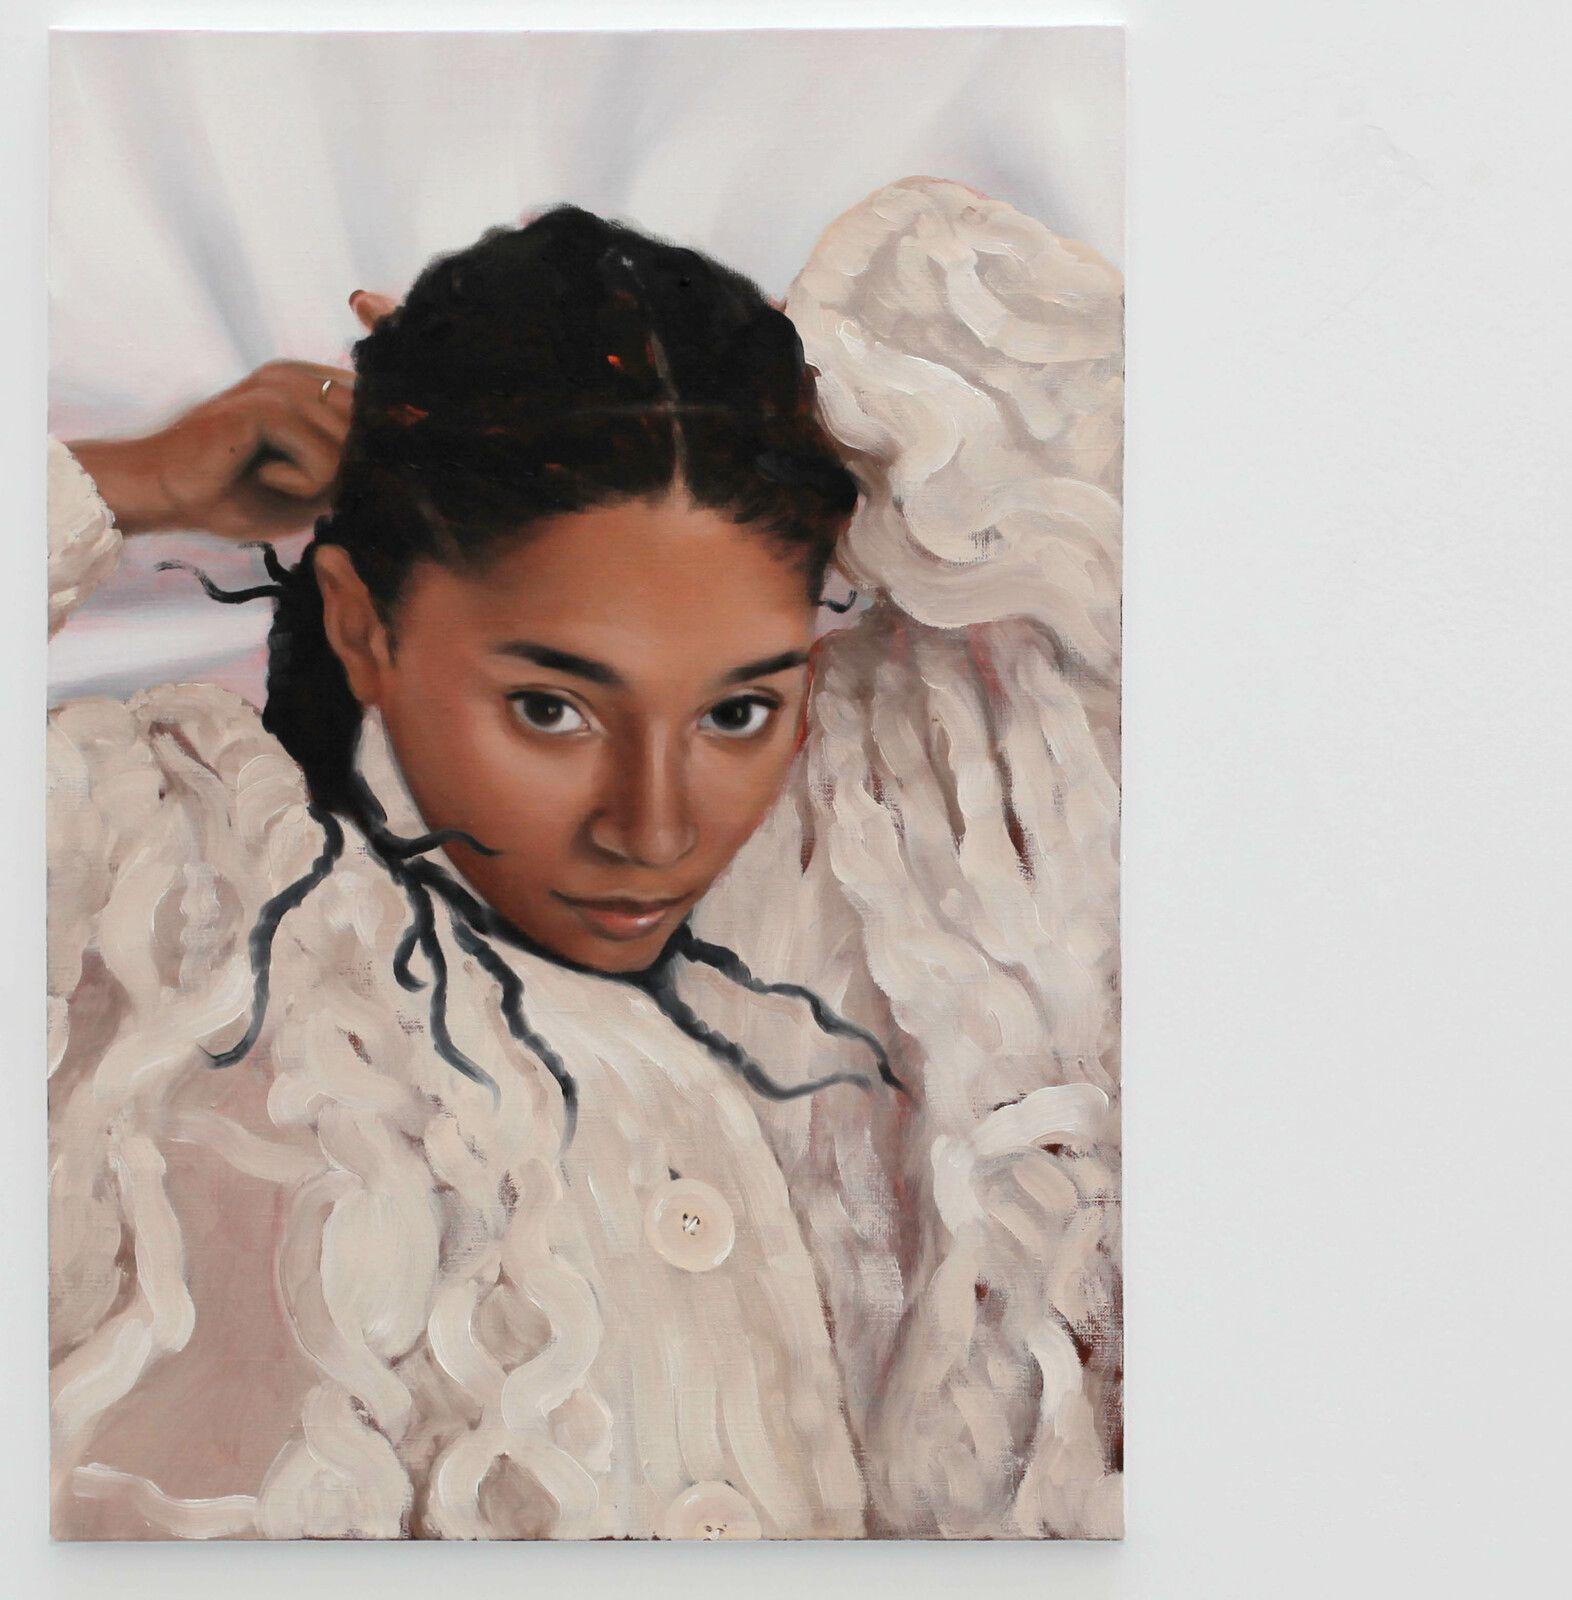 """""""Le tricot"""", 2021 de Alexis RALAIVAO - Courtesy de l'artiste et de la Galerie HUSSENOT © Photo Éric Simon"""